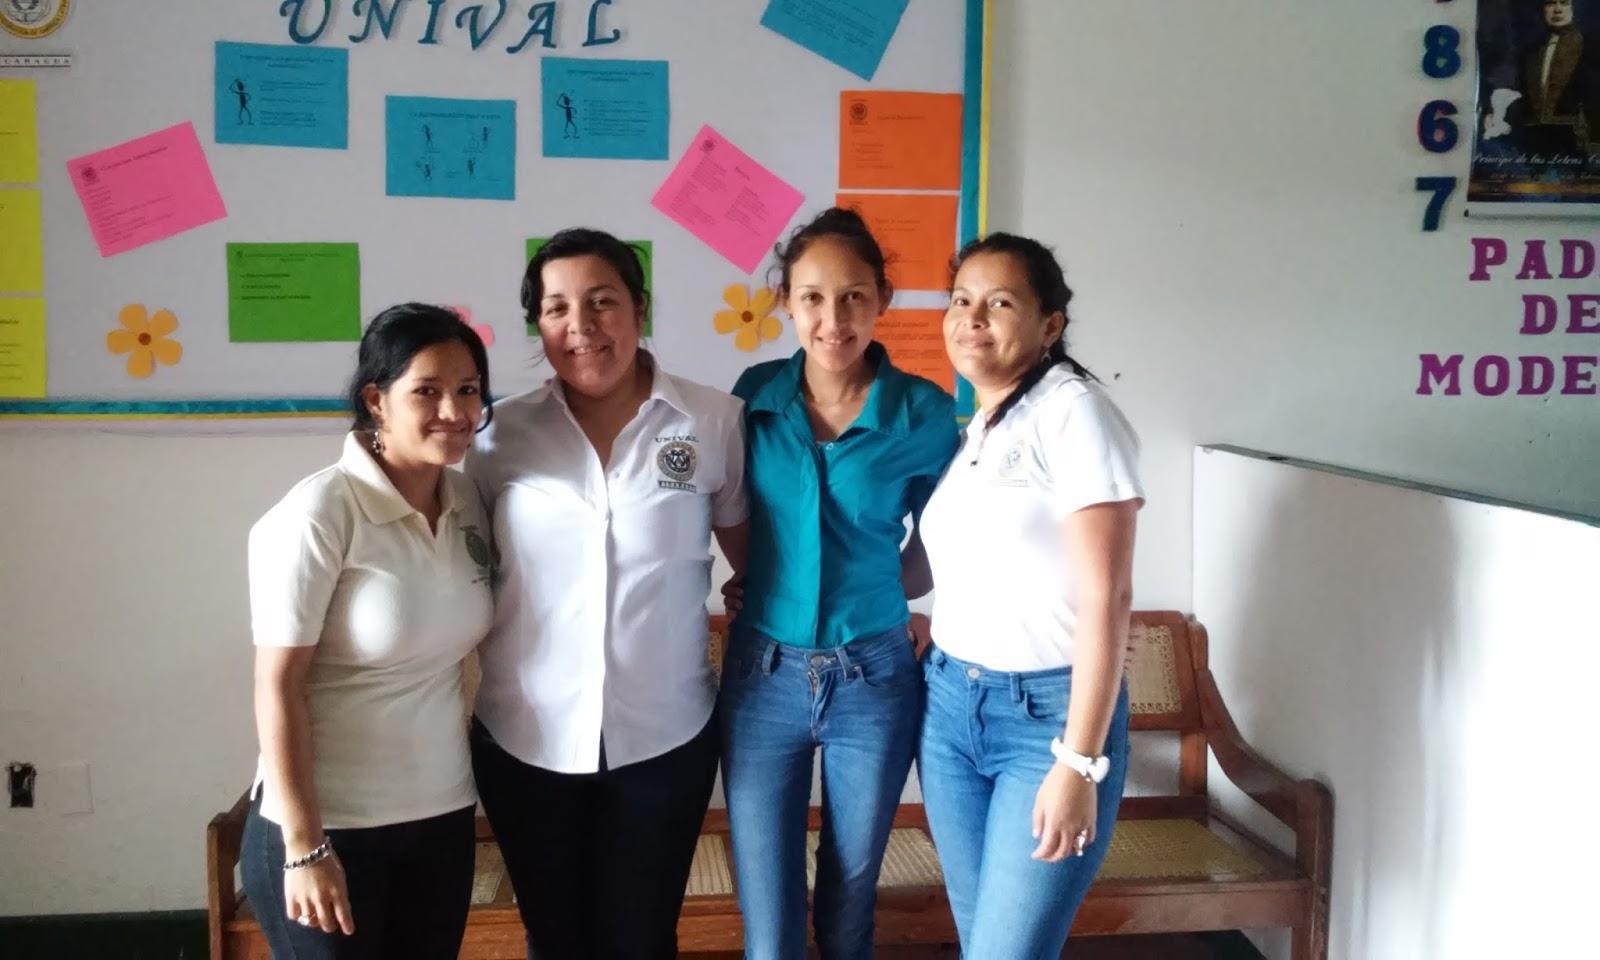 SEX ESCORT in Matagalpa